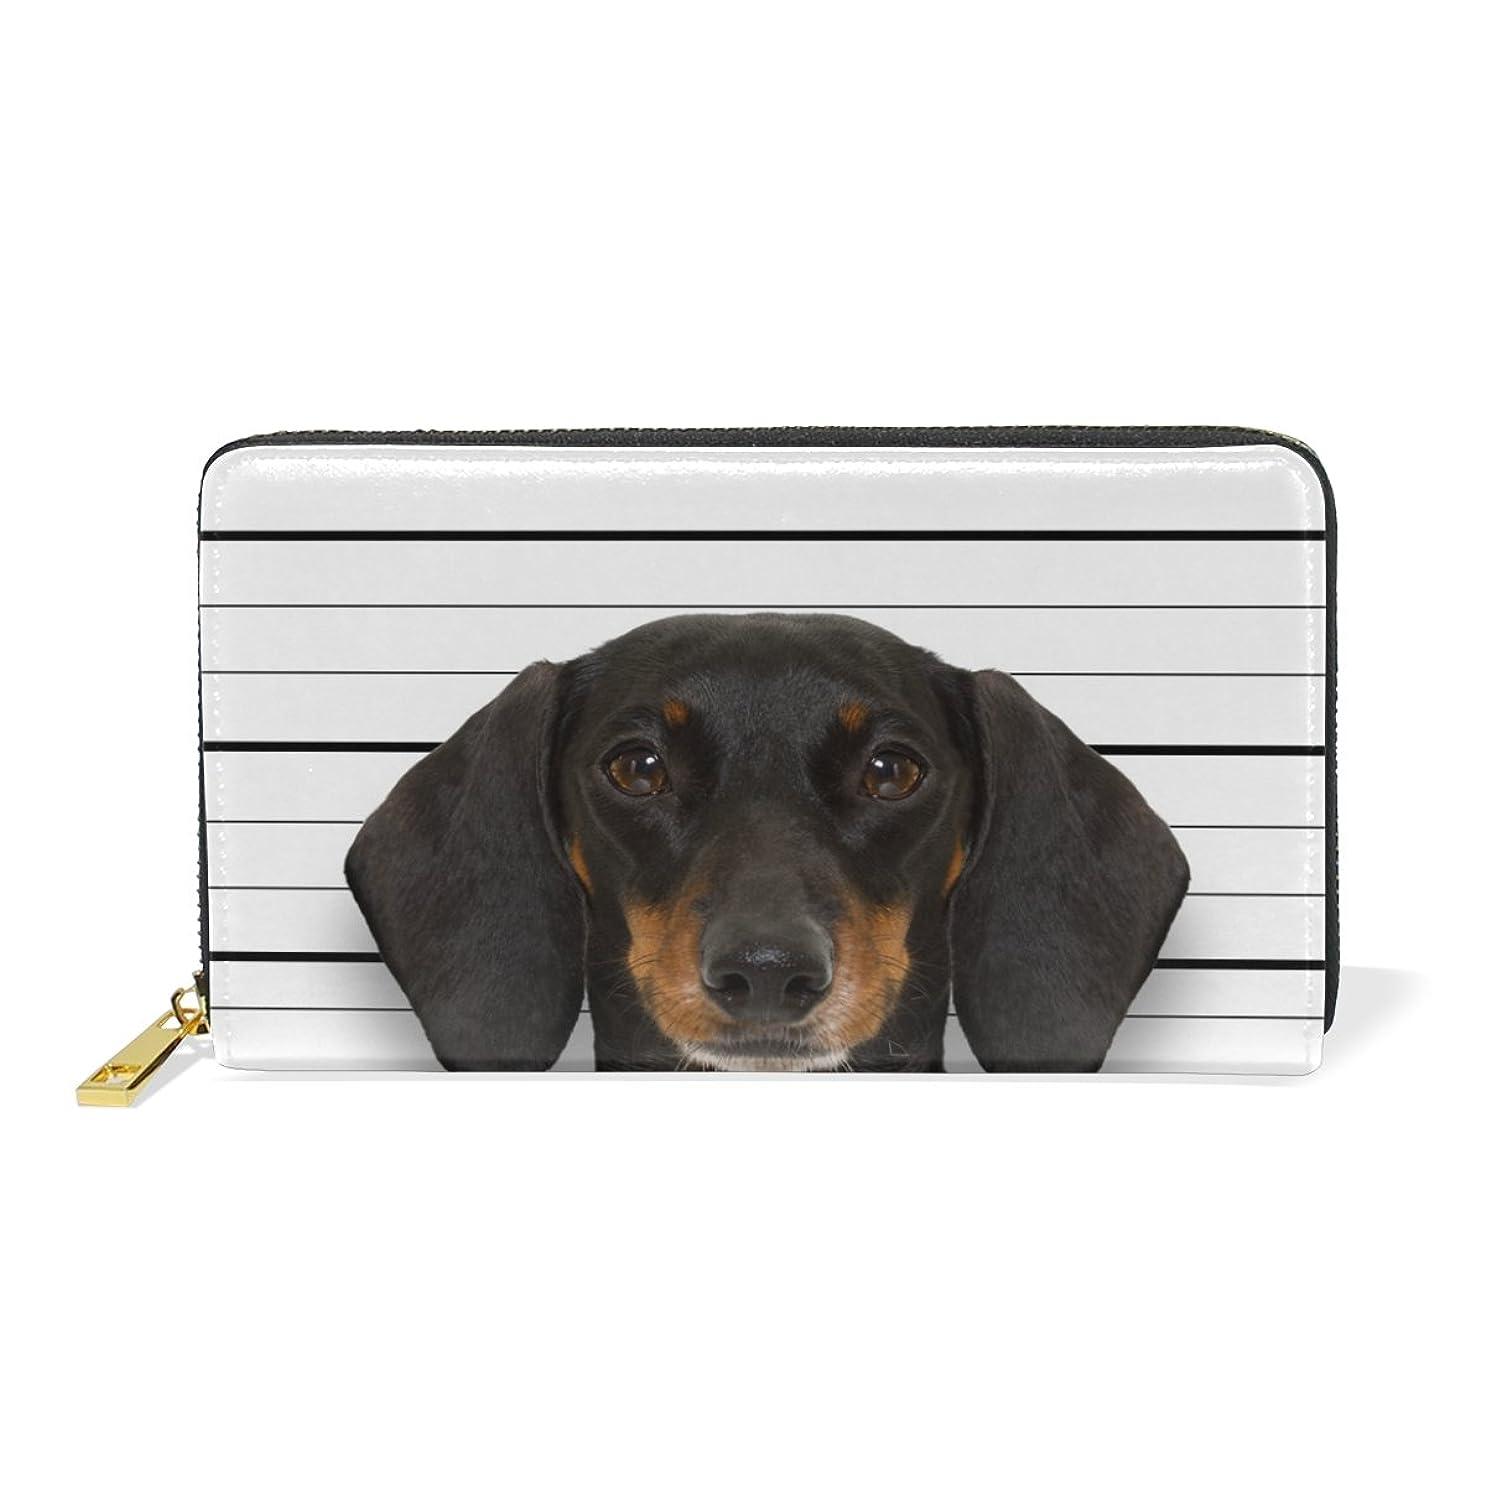 調整する寄生虫曇った旅立の店 長財布 人気 レディース メンズ 大容量多機能 二つ折り ラウンドファスナー 本革  犬柄 面白い ウォレット